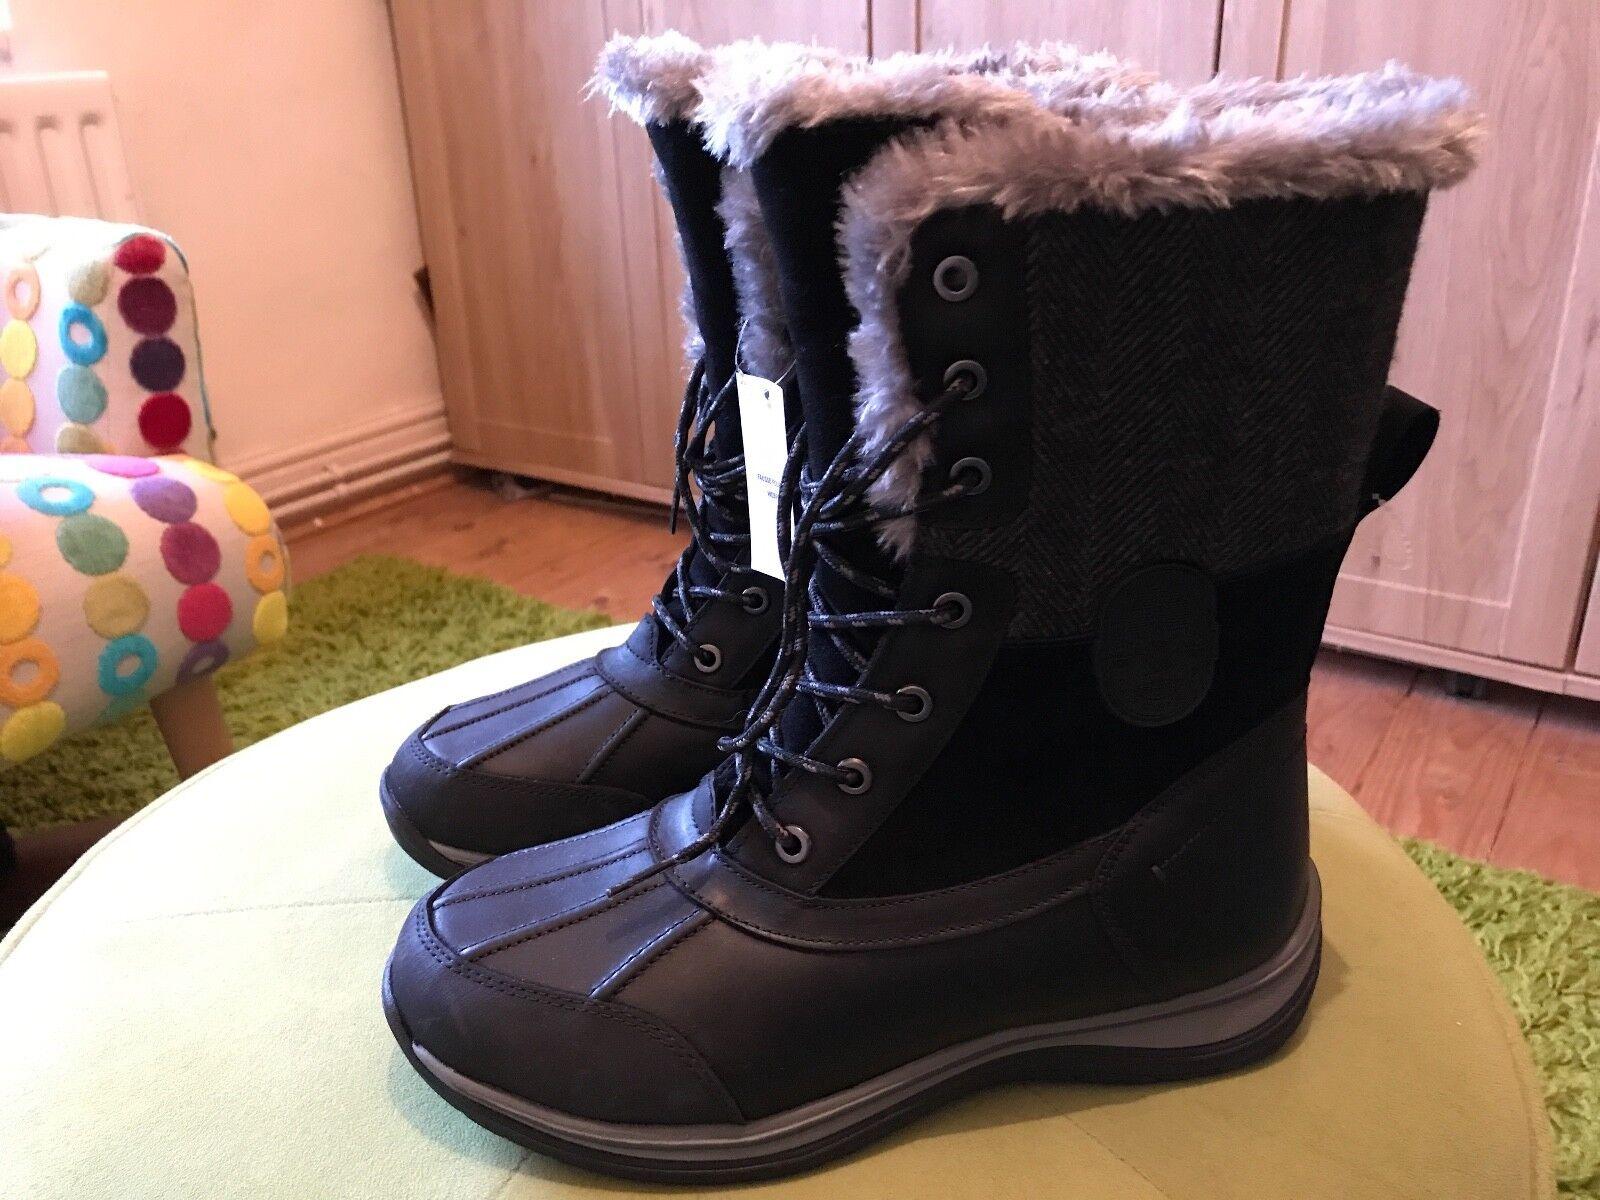 Lands 'End Mujer Cuero Thermolite avalancha botas De Nieve-UK Talla 6.5